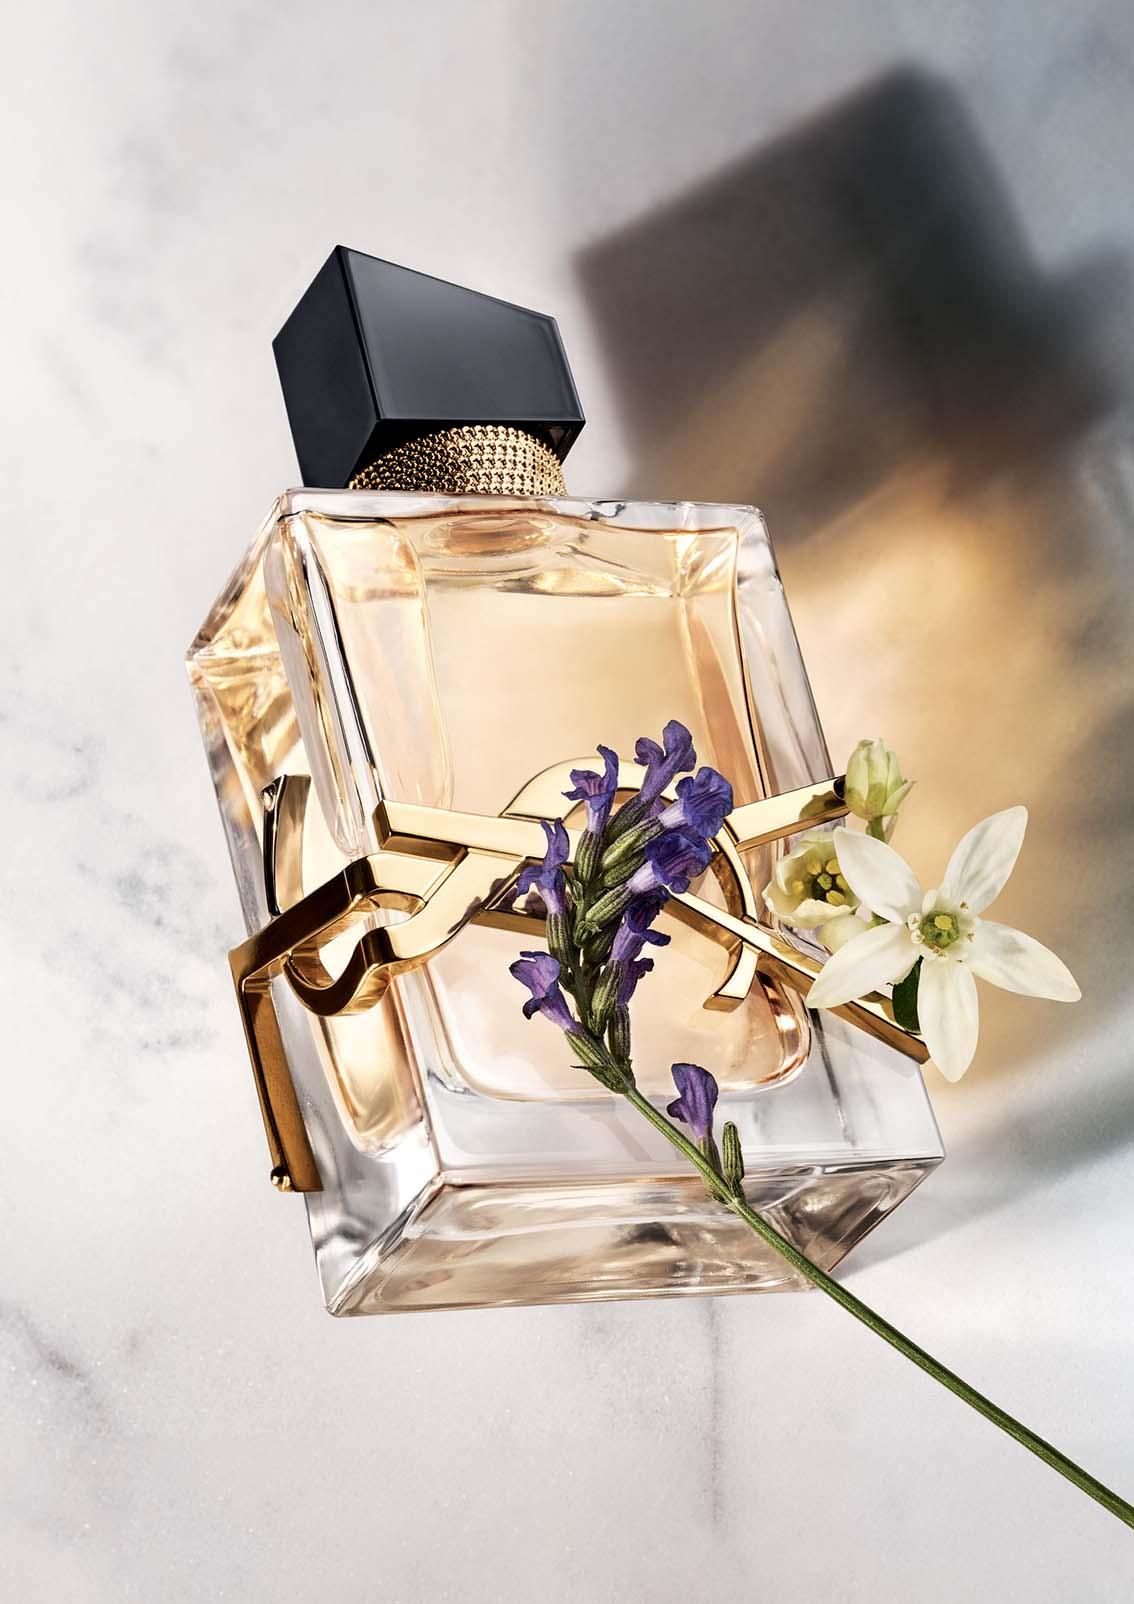 Une fragrance éblouissante qui sublime la fleur d'oranger marocaine!